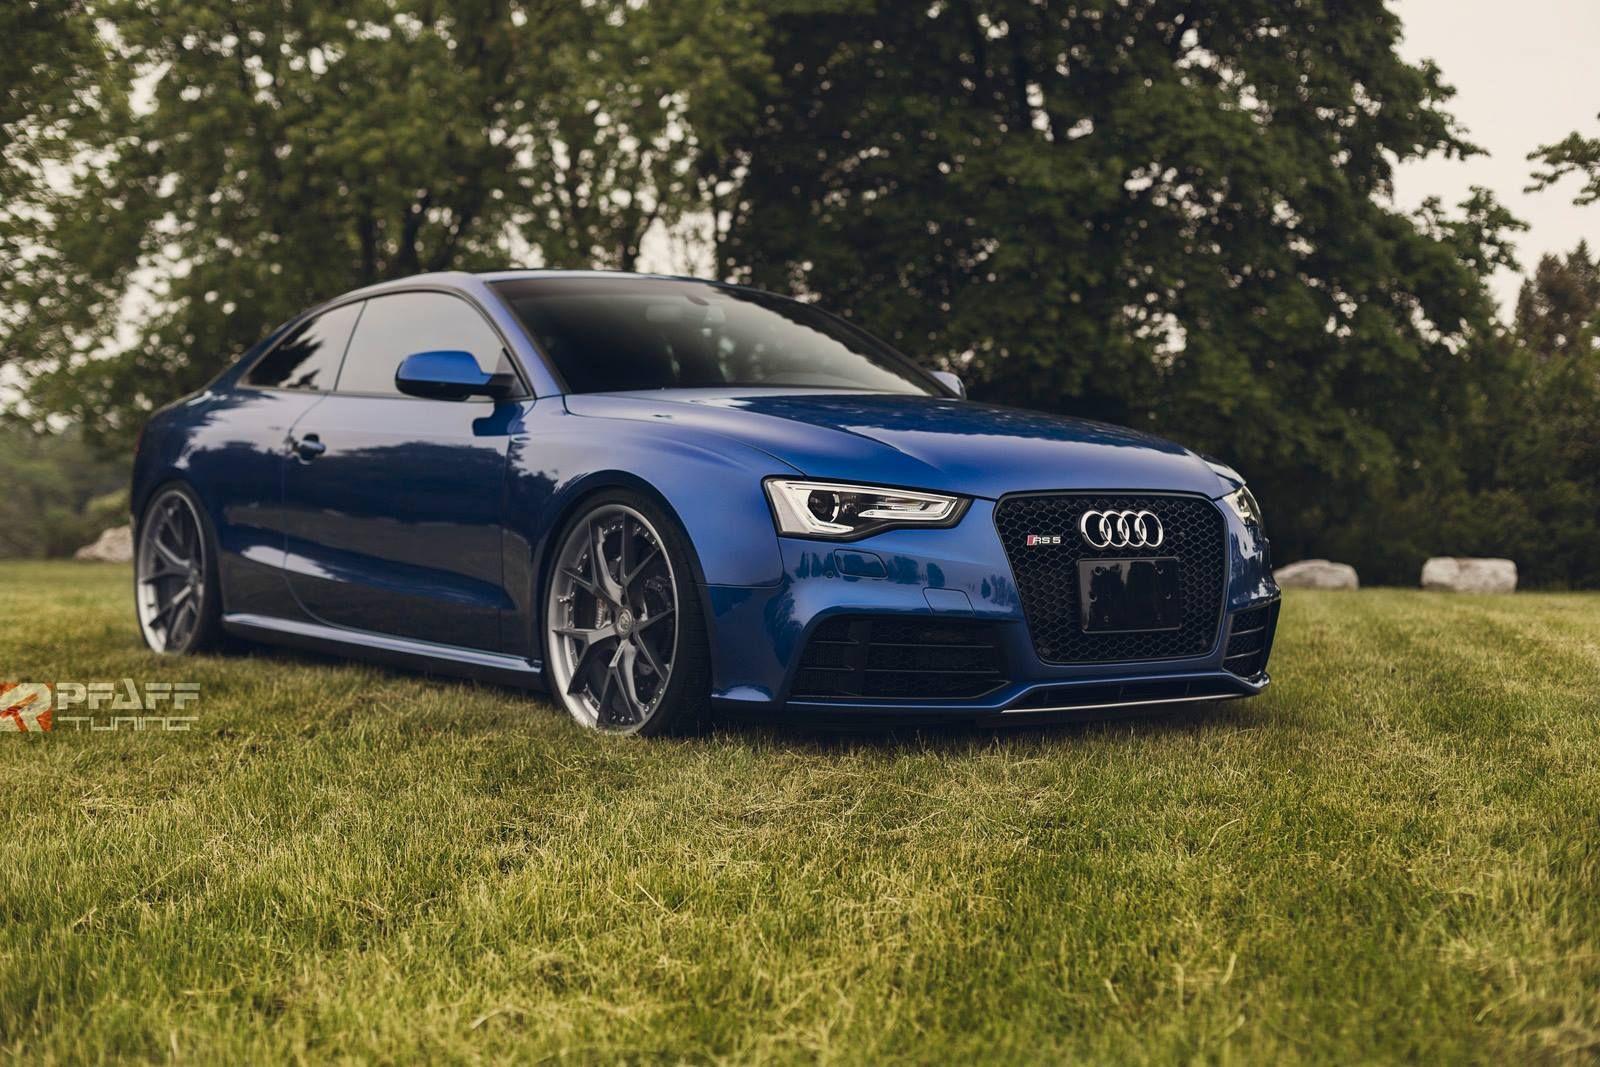 Custom Audi Rs5 In Sepang Blue Is Sheer Beauty Audi Rs5 Audi Audi Cars